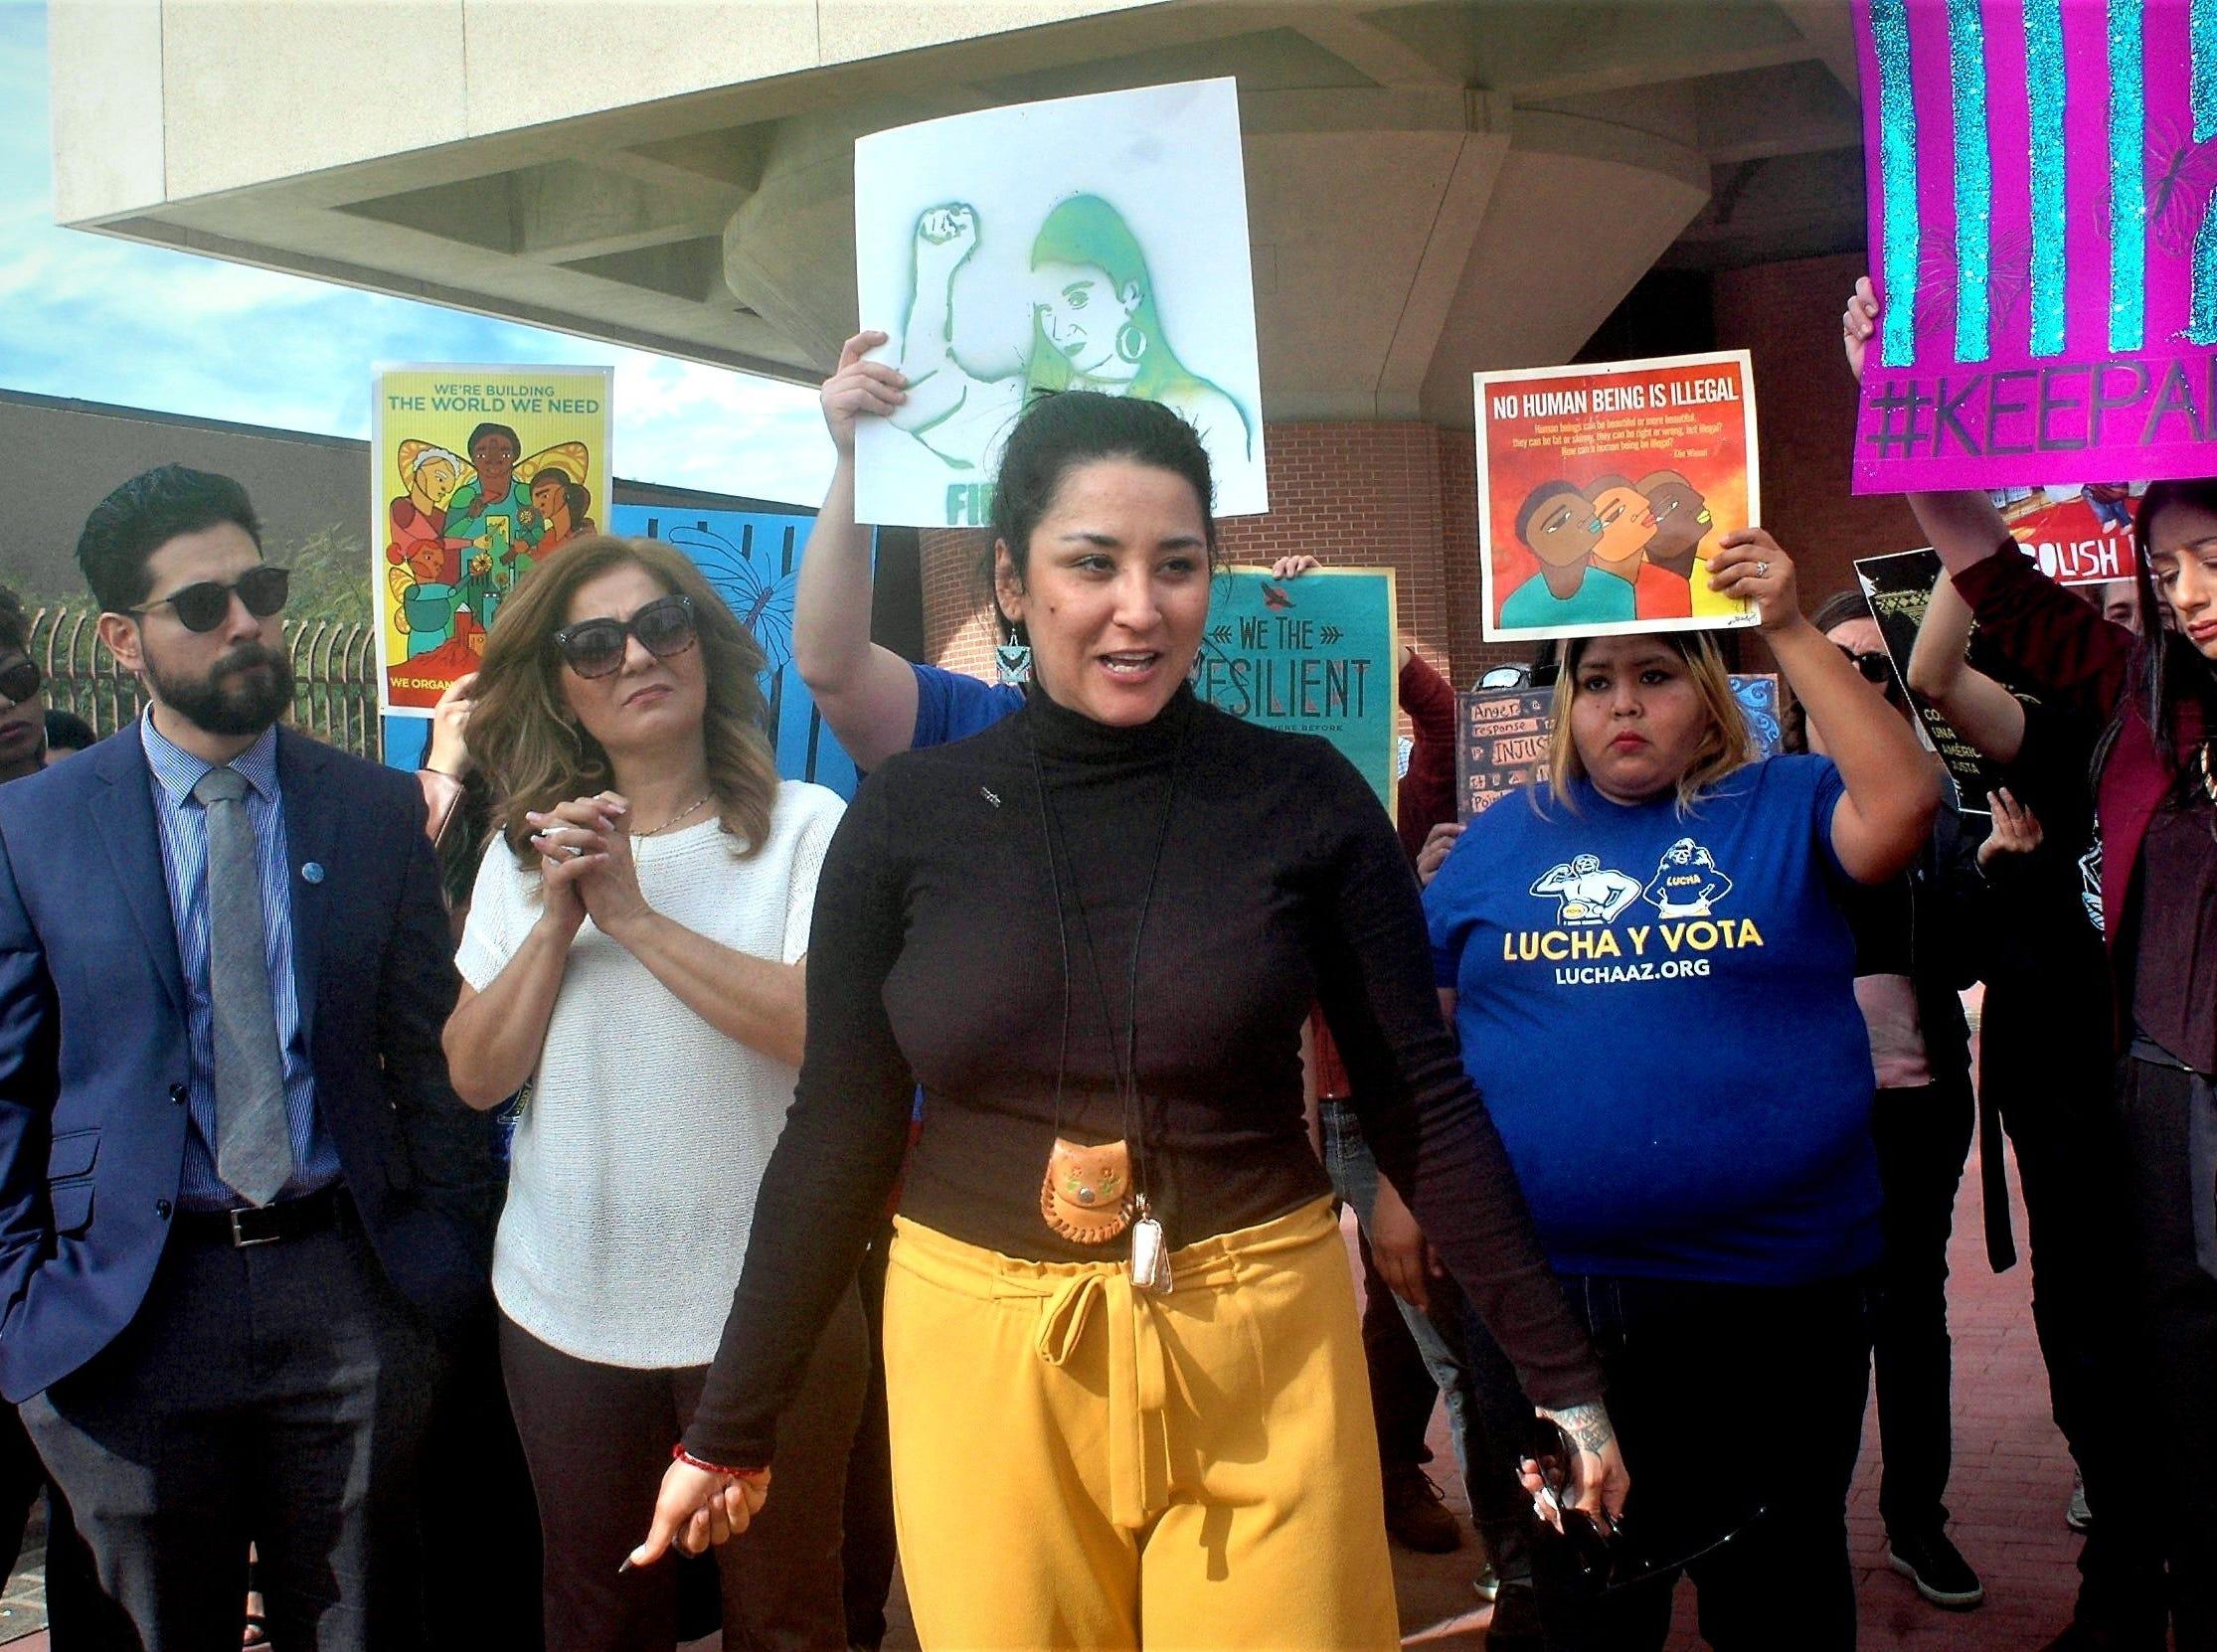 Un juez deArizonaordena la deportación de la activista Alejandra Pablos